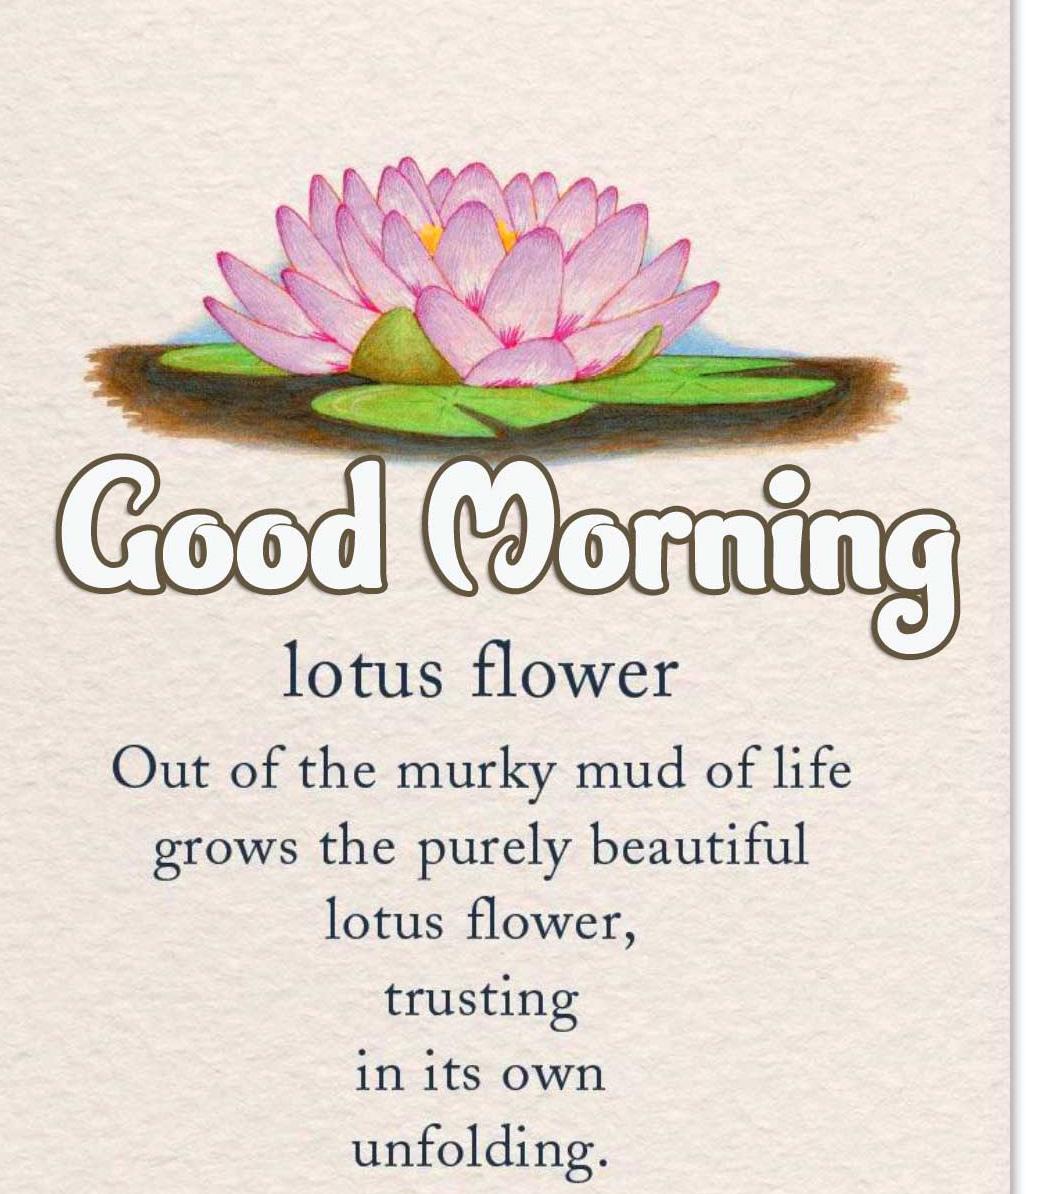 1080p Good Morning Wallpaper Free Download